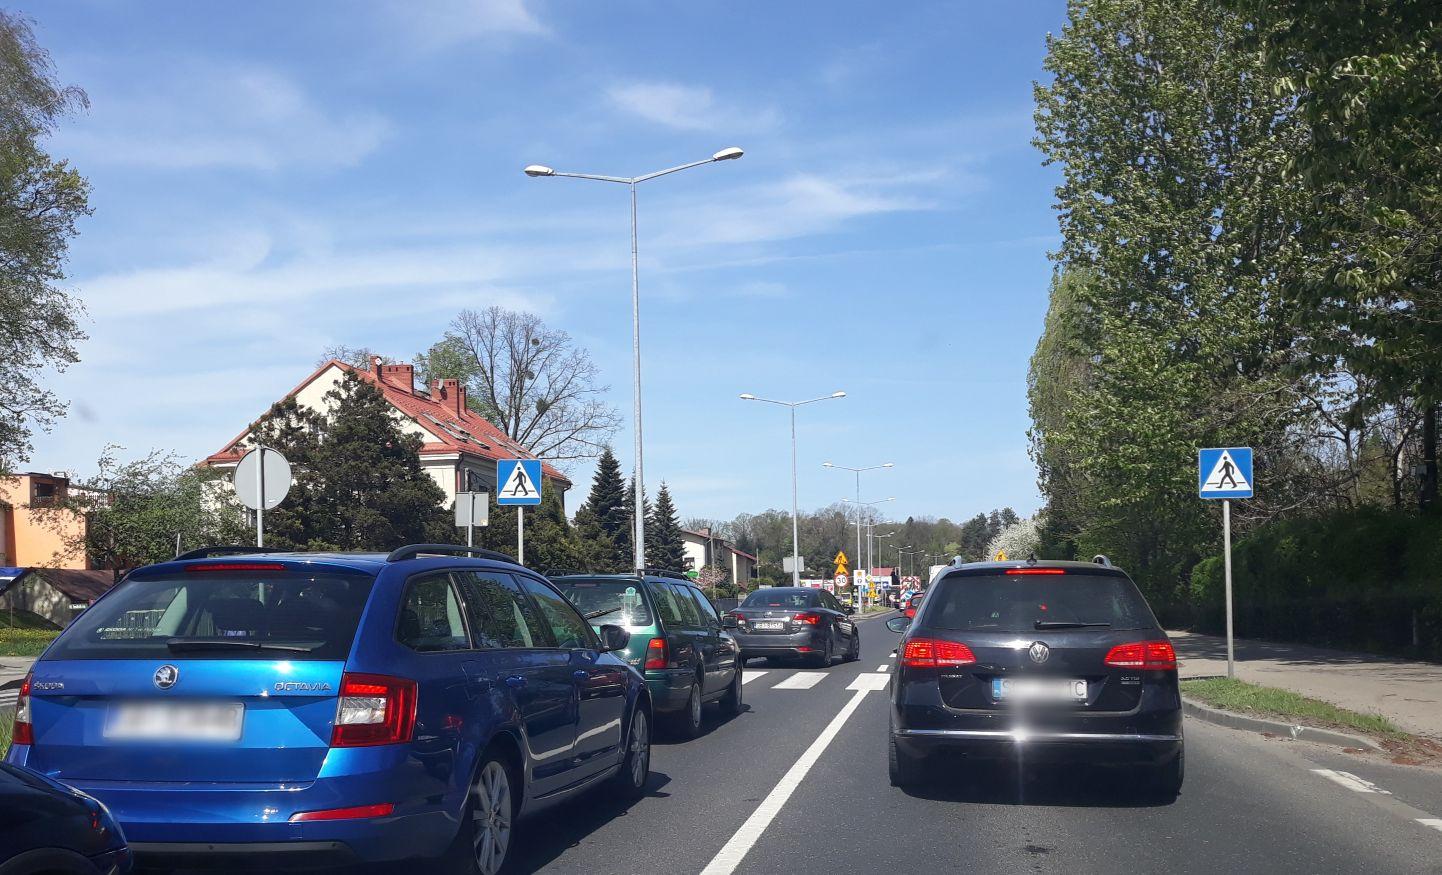 Bielsko-Biała na 11 miejscu wśród najbardziej zakorkowanych miast w Polsce